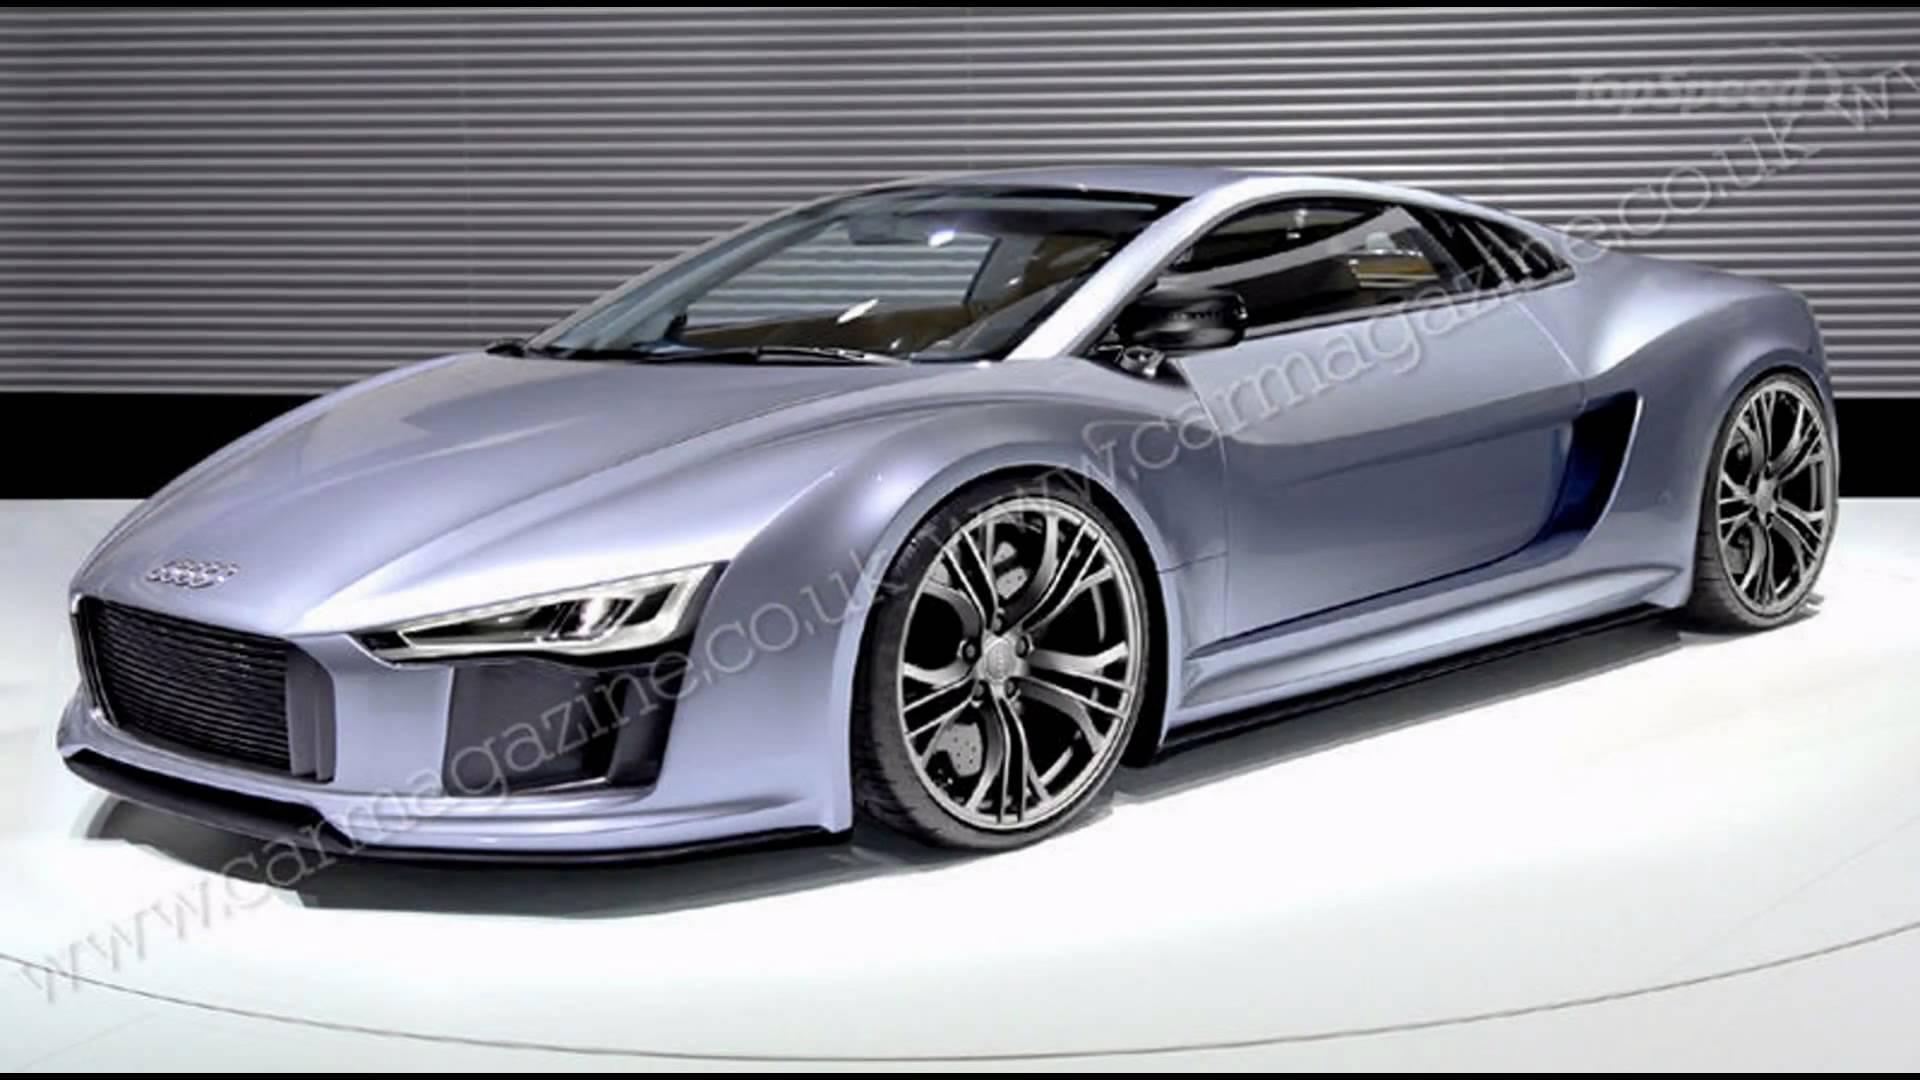 Audi R8 Wallpaper 1920x1080 41281